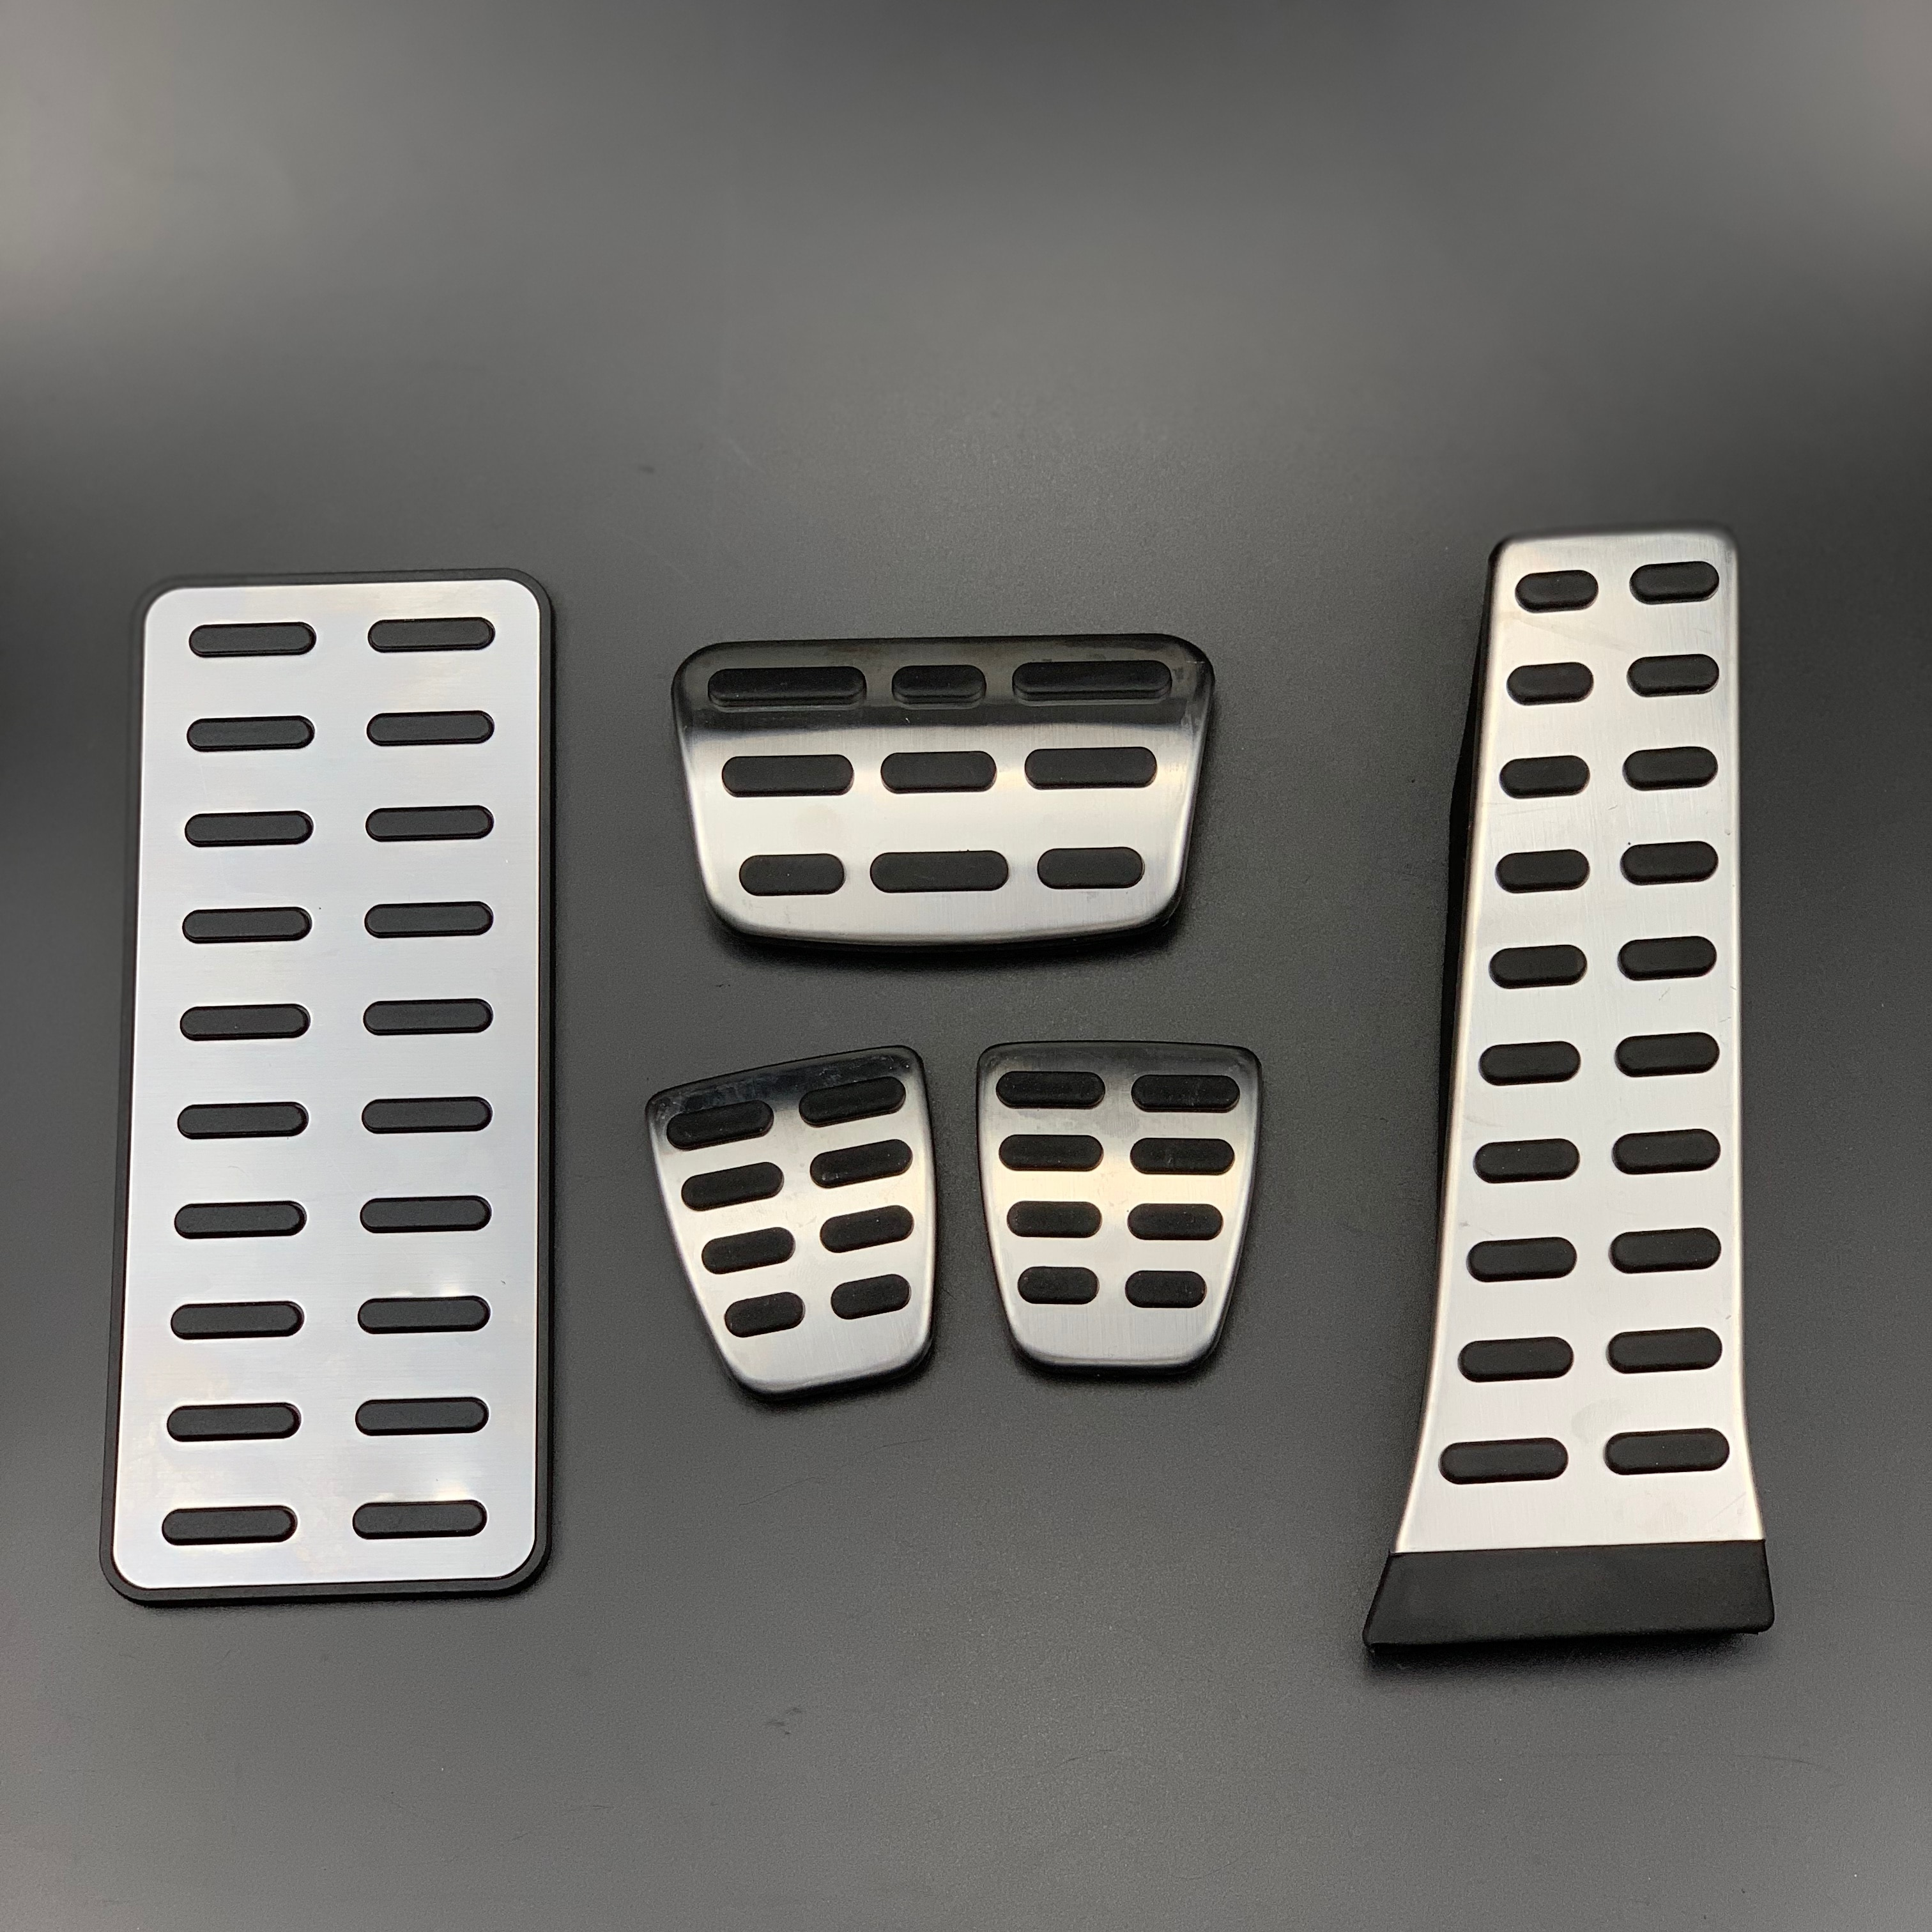 Couvercle de pédale de voiture pour Kia   Sorento KX5 K5 Optima Sportage QL pour Hyundai Sonata i40 Tucson Santa Fe IX35 Ceed MT